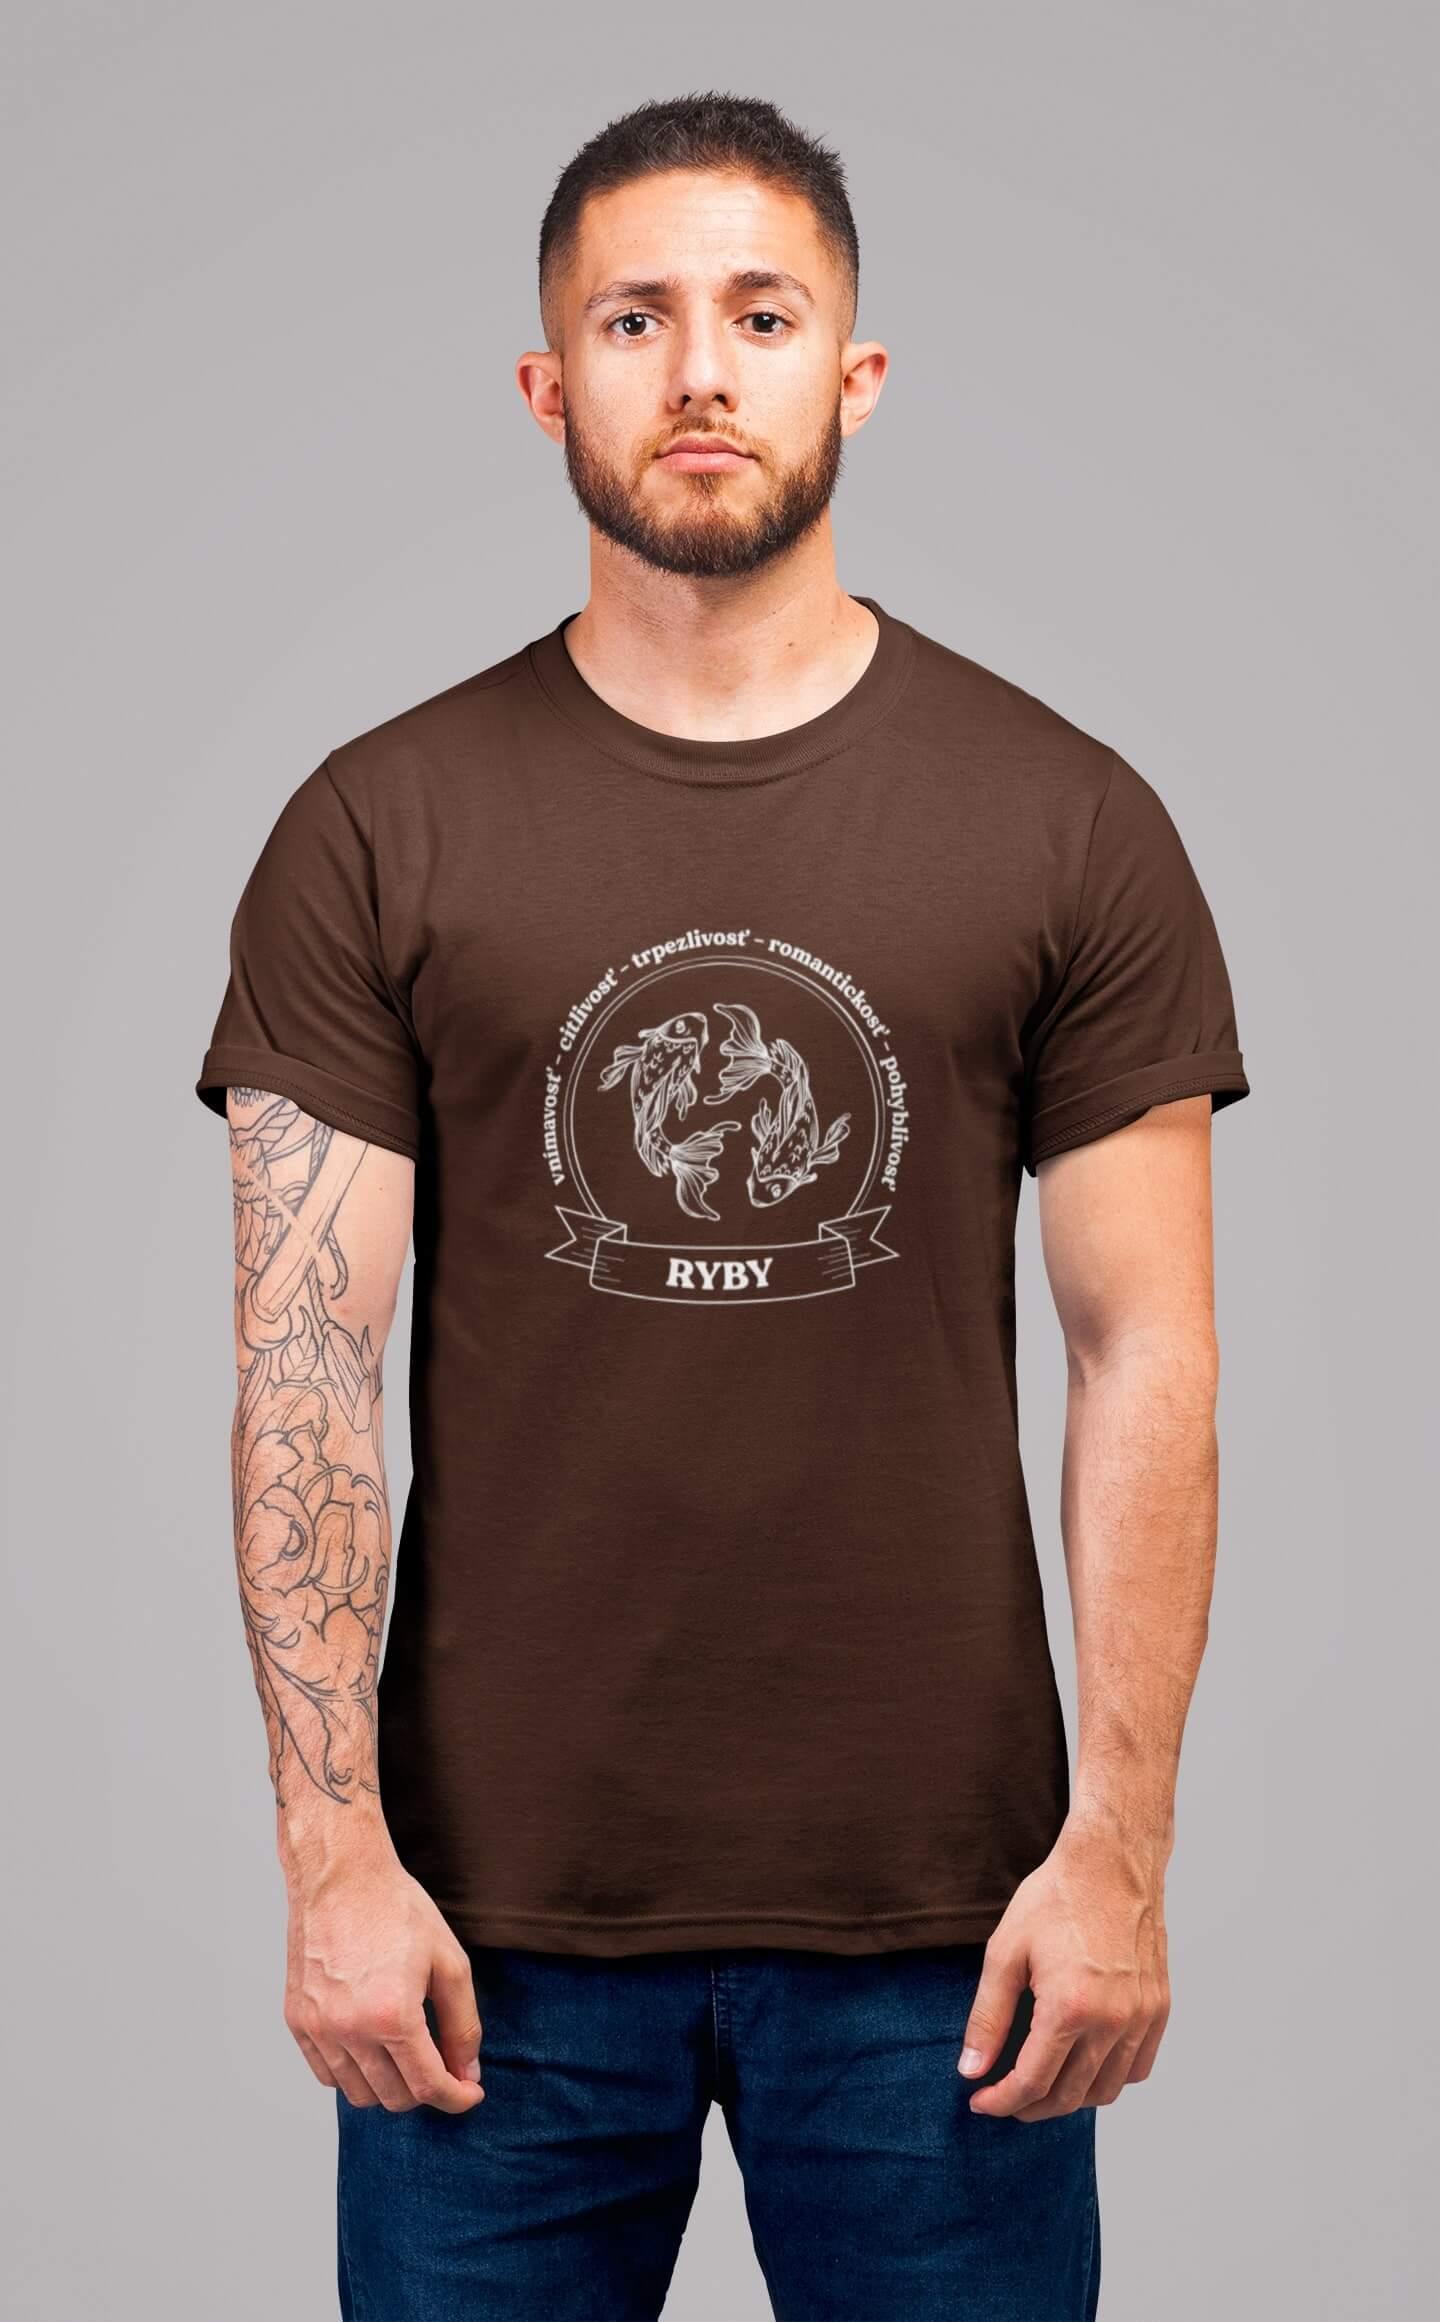 MMO Pánske tričko Ryby Vyberte farbu: Čokoládová, Vyberte veľkosť: XL